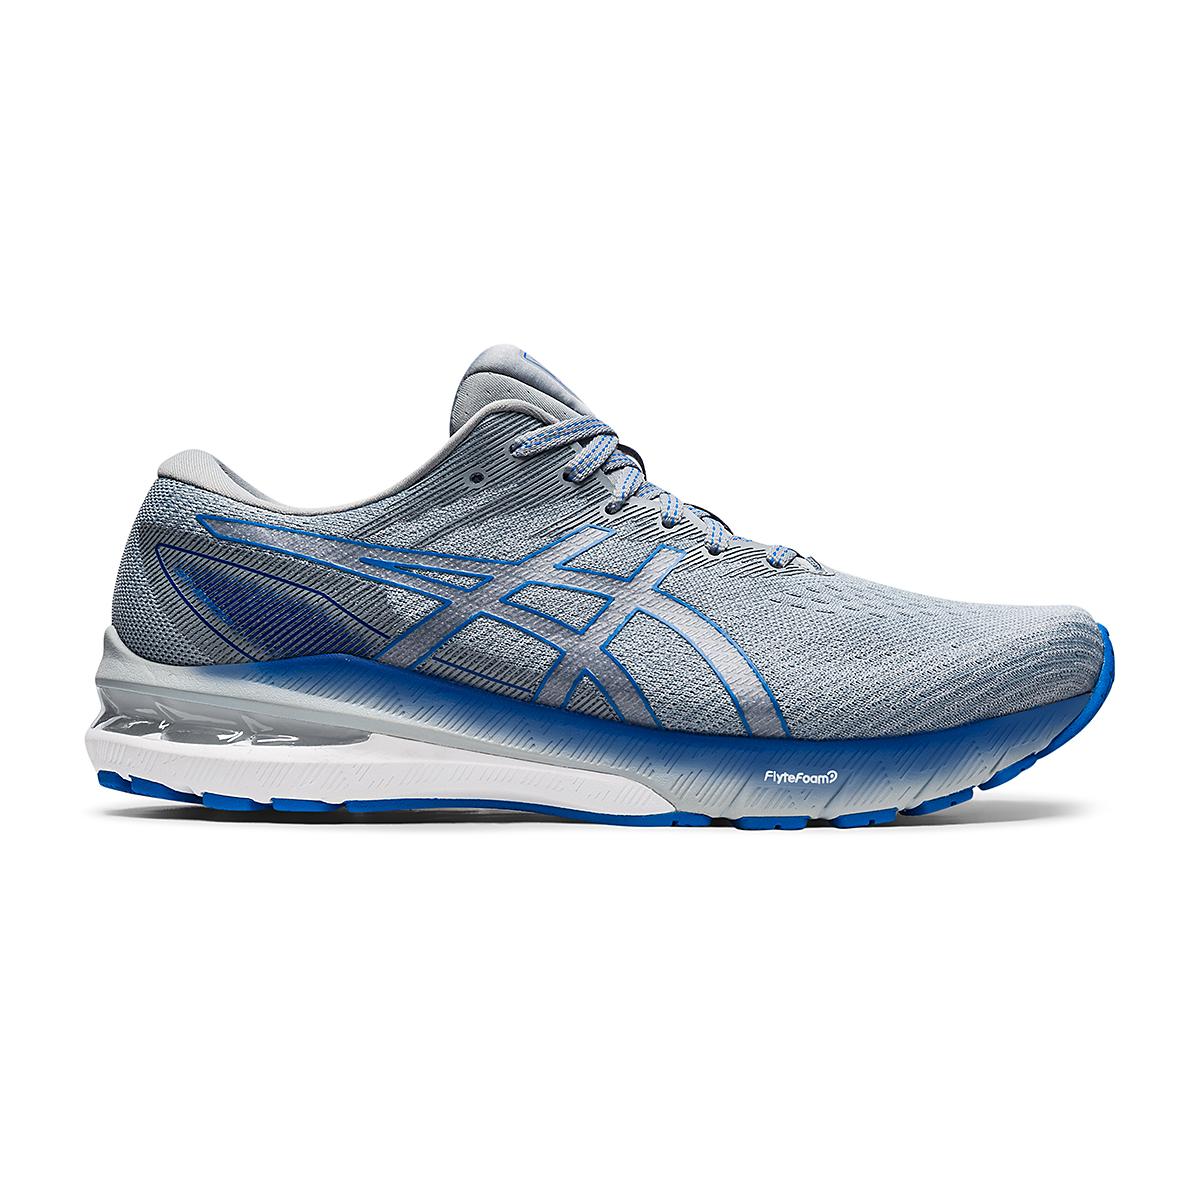 Men's Asics GT-2000 10 Running Shoe - Color: Sheet Rock/Electric Blue - Size: 7 - Width: Wide, Sheet Rock/Electric Blue, large, image 1